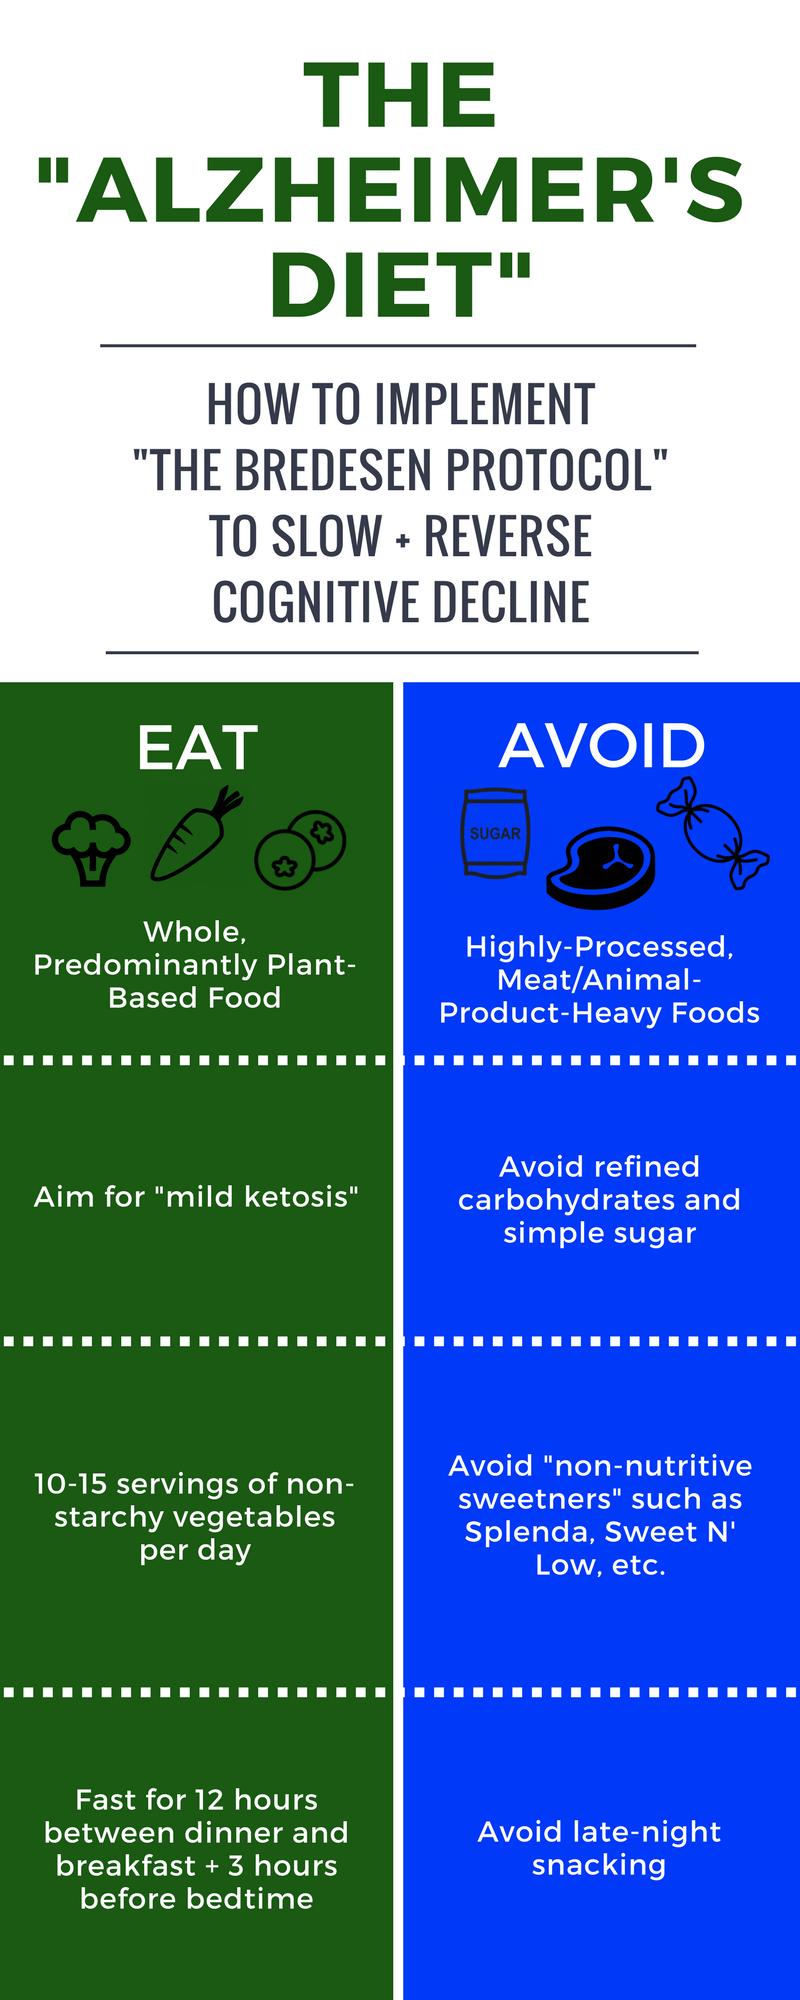 Dr bredesen diet